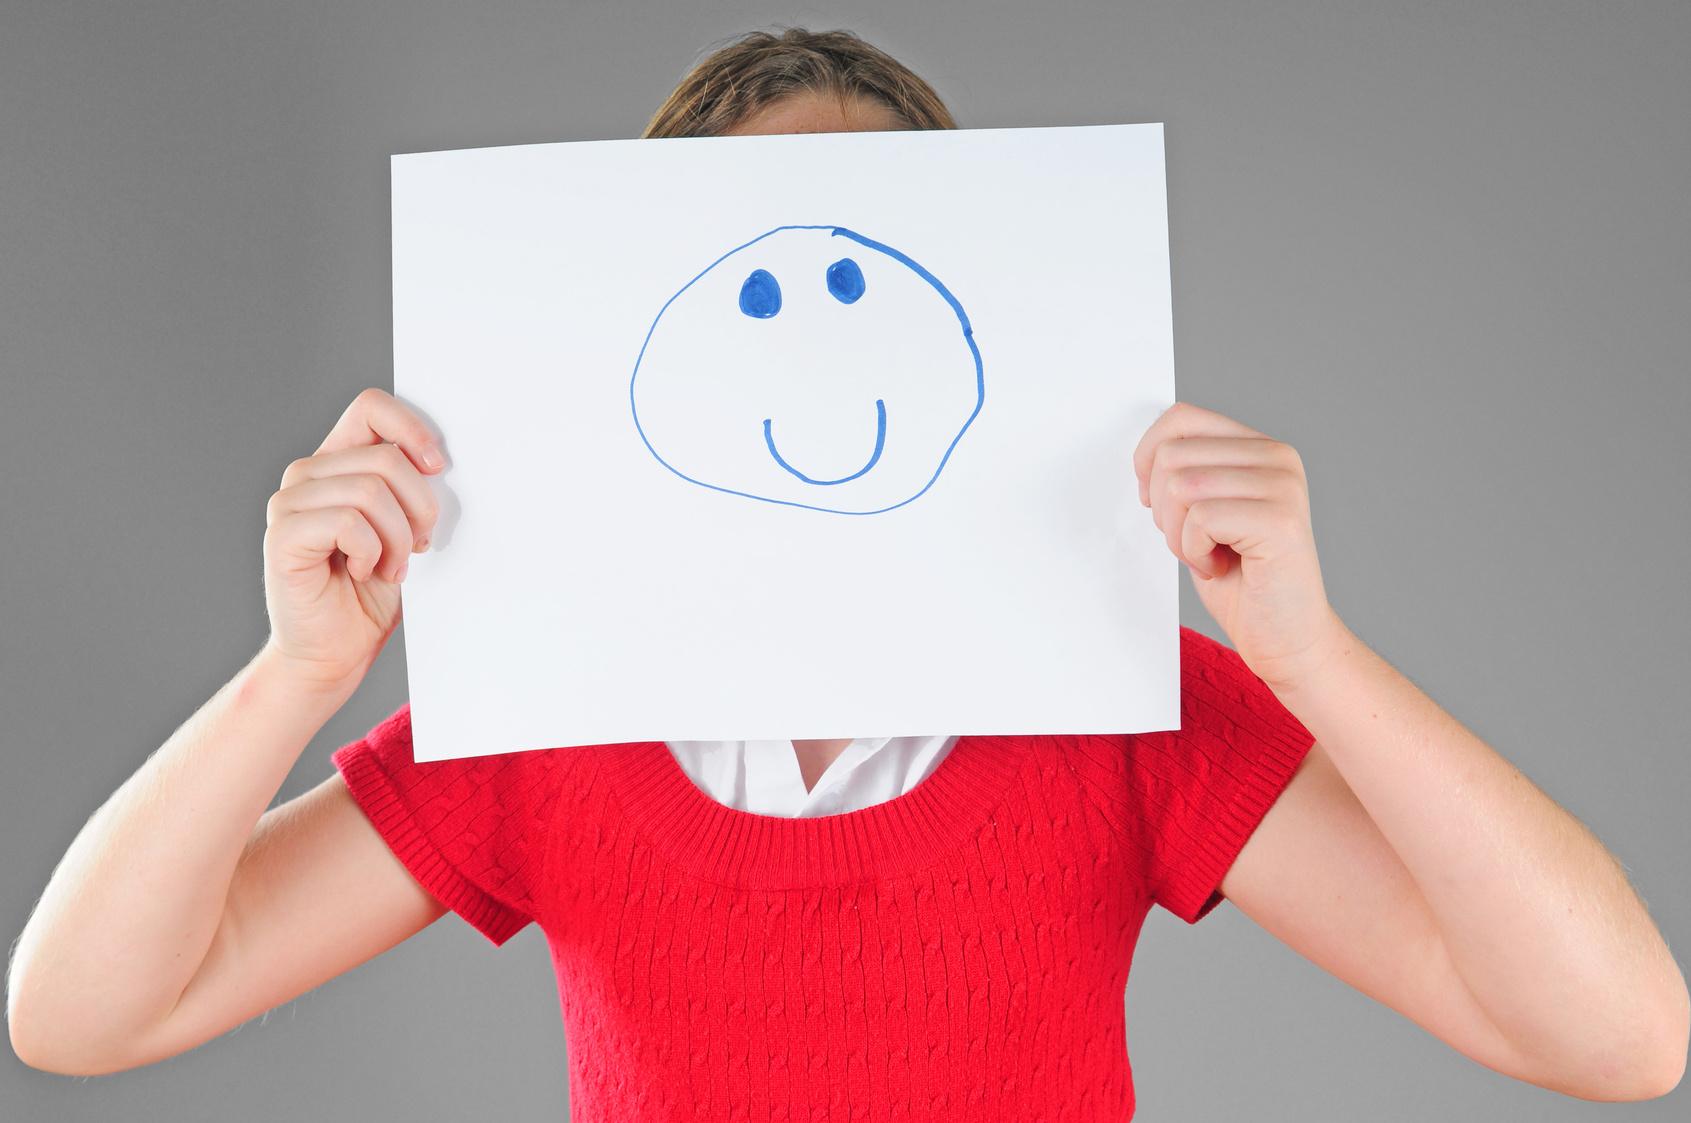 Mädchen hält sich Blatt Papier mit Smiley drauf vors Gesicht